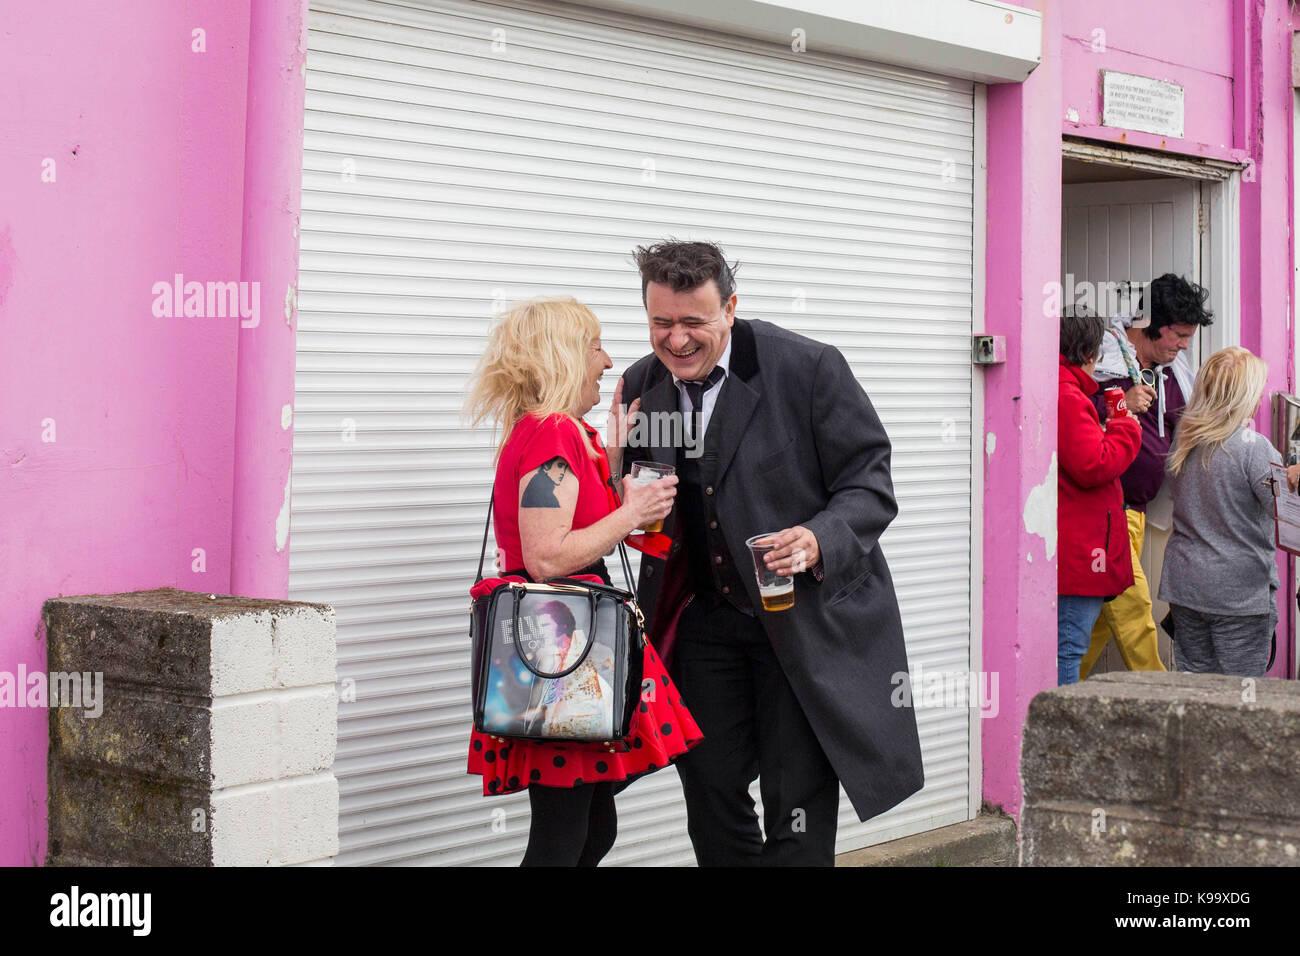 Porthcawl, Pays de Galles, Royaume-Uni. 22 sep, 2017. participants profitez d'un rire à l'extérieur Photo Stock